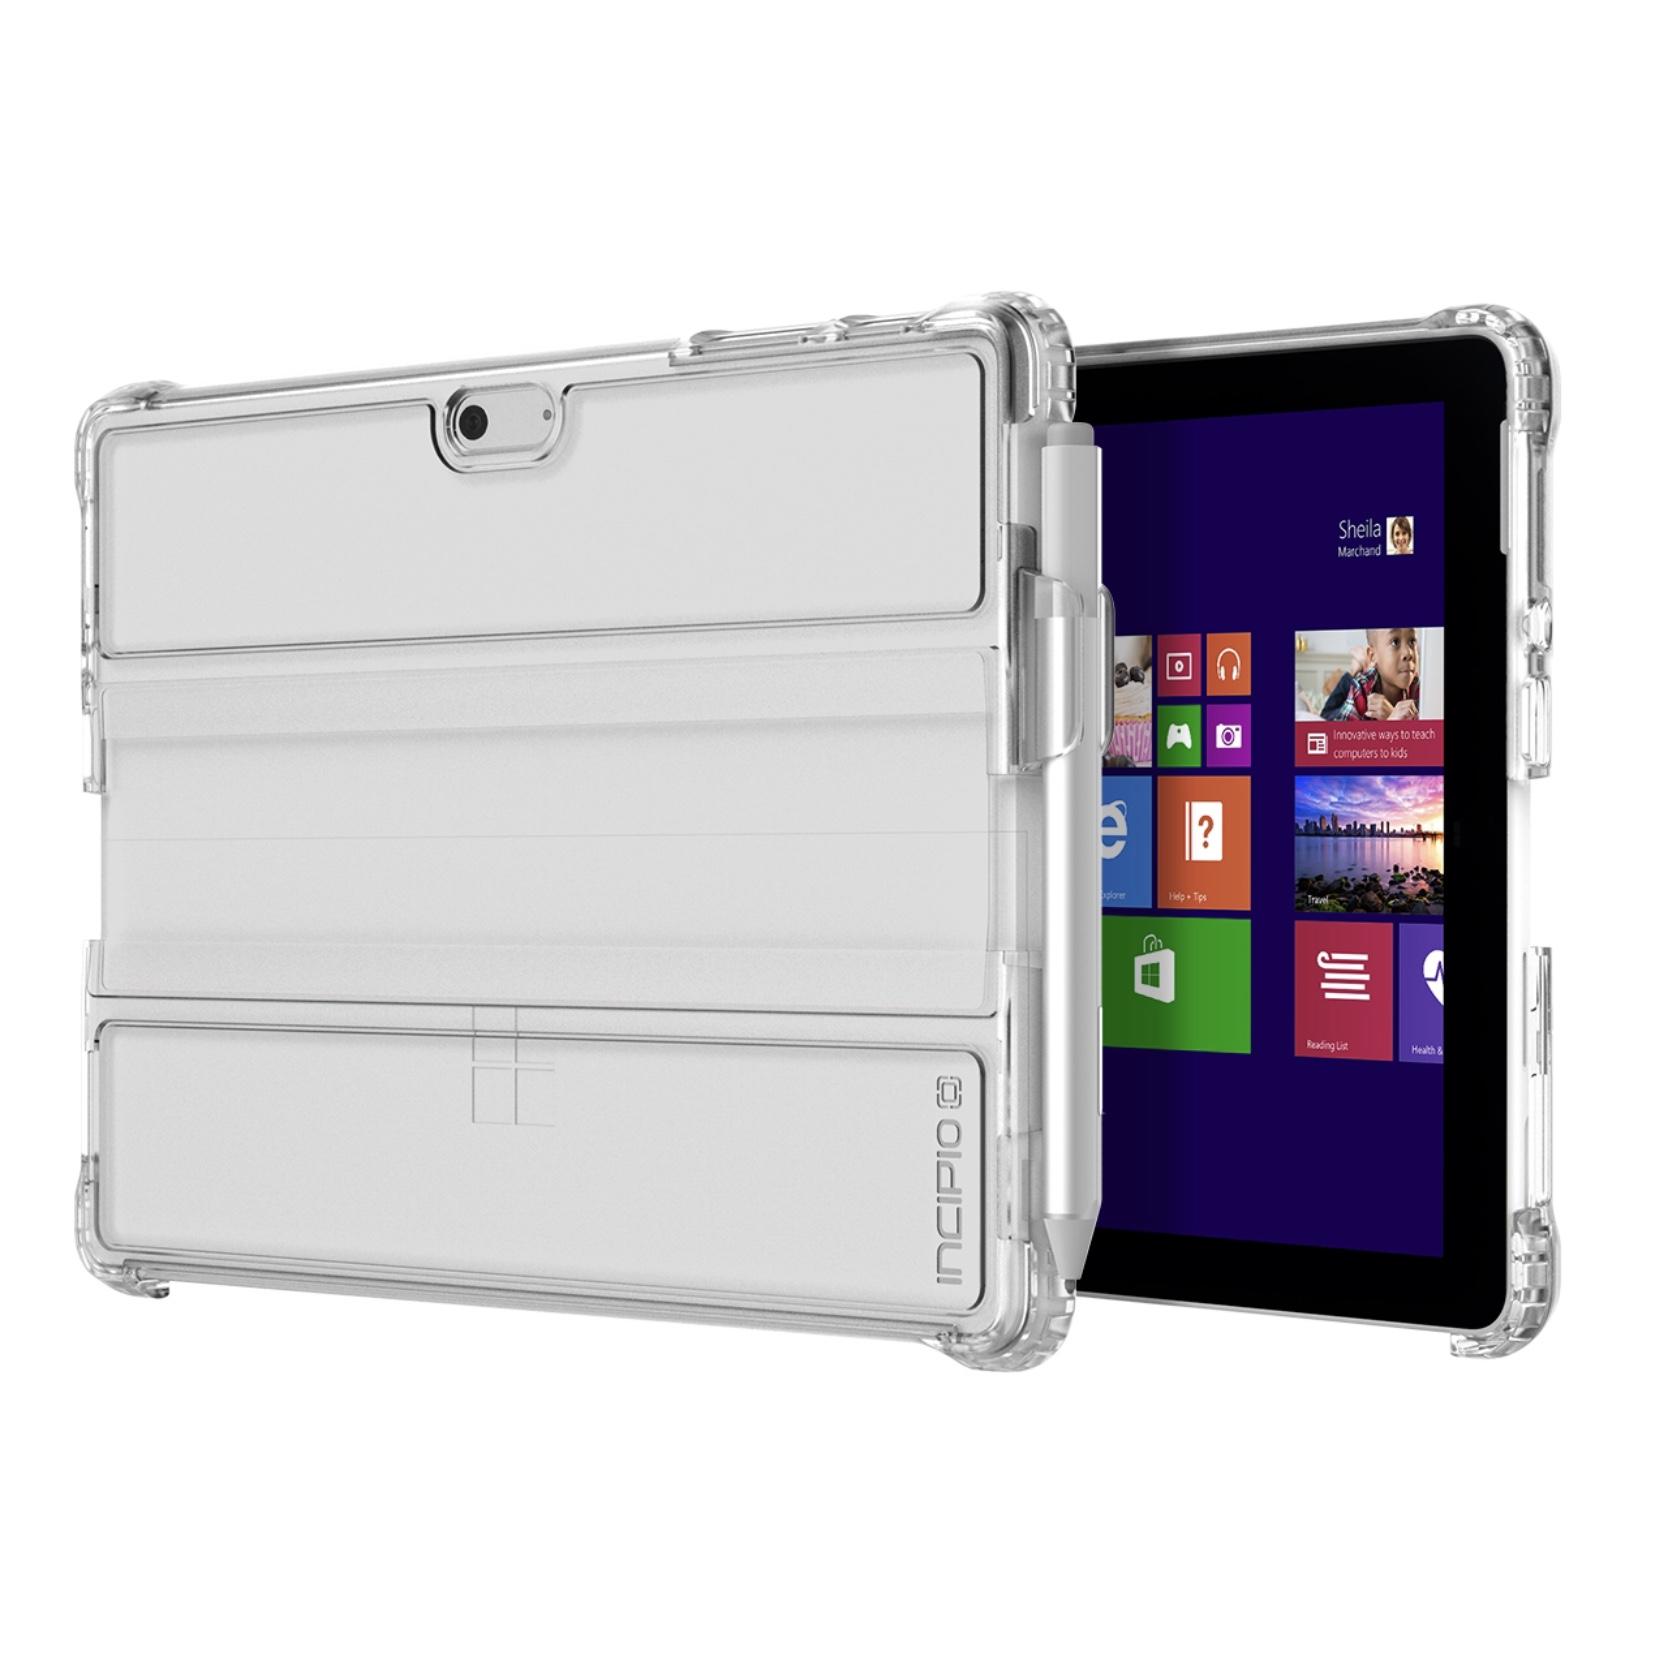 Coque de protection Octane Pure Transparente Surface GO 10 pouces avec support stylet